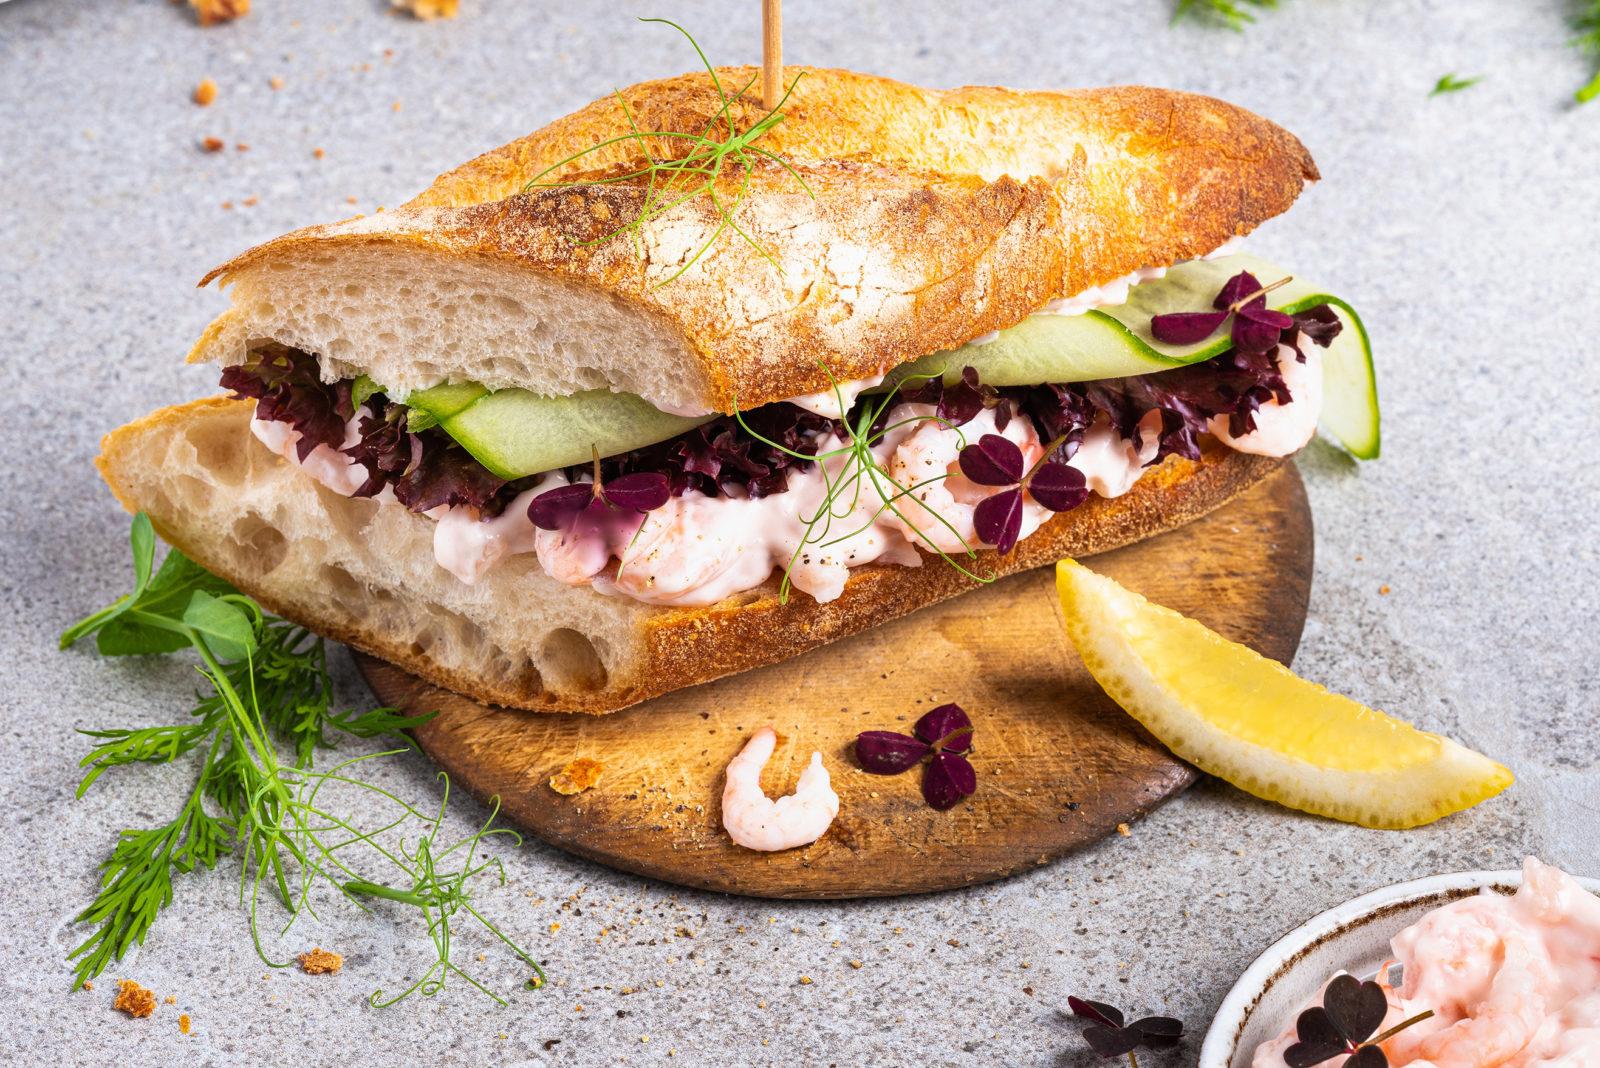 Rekesalat sandwich